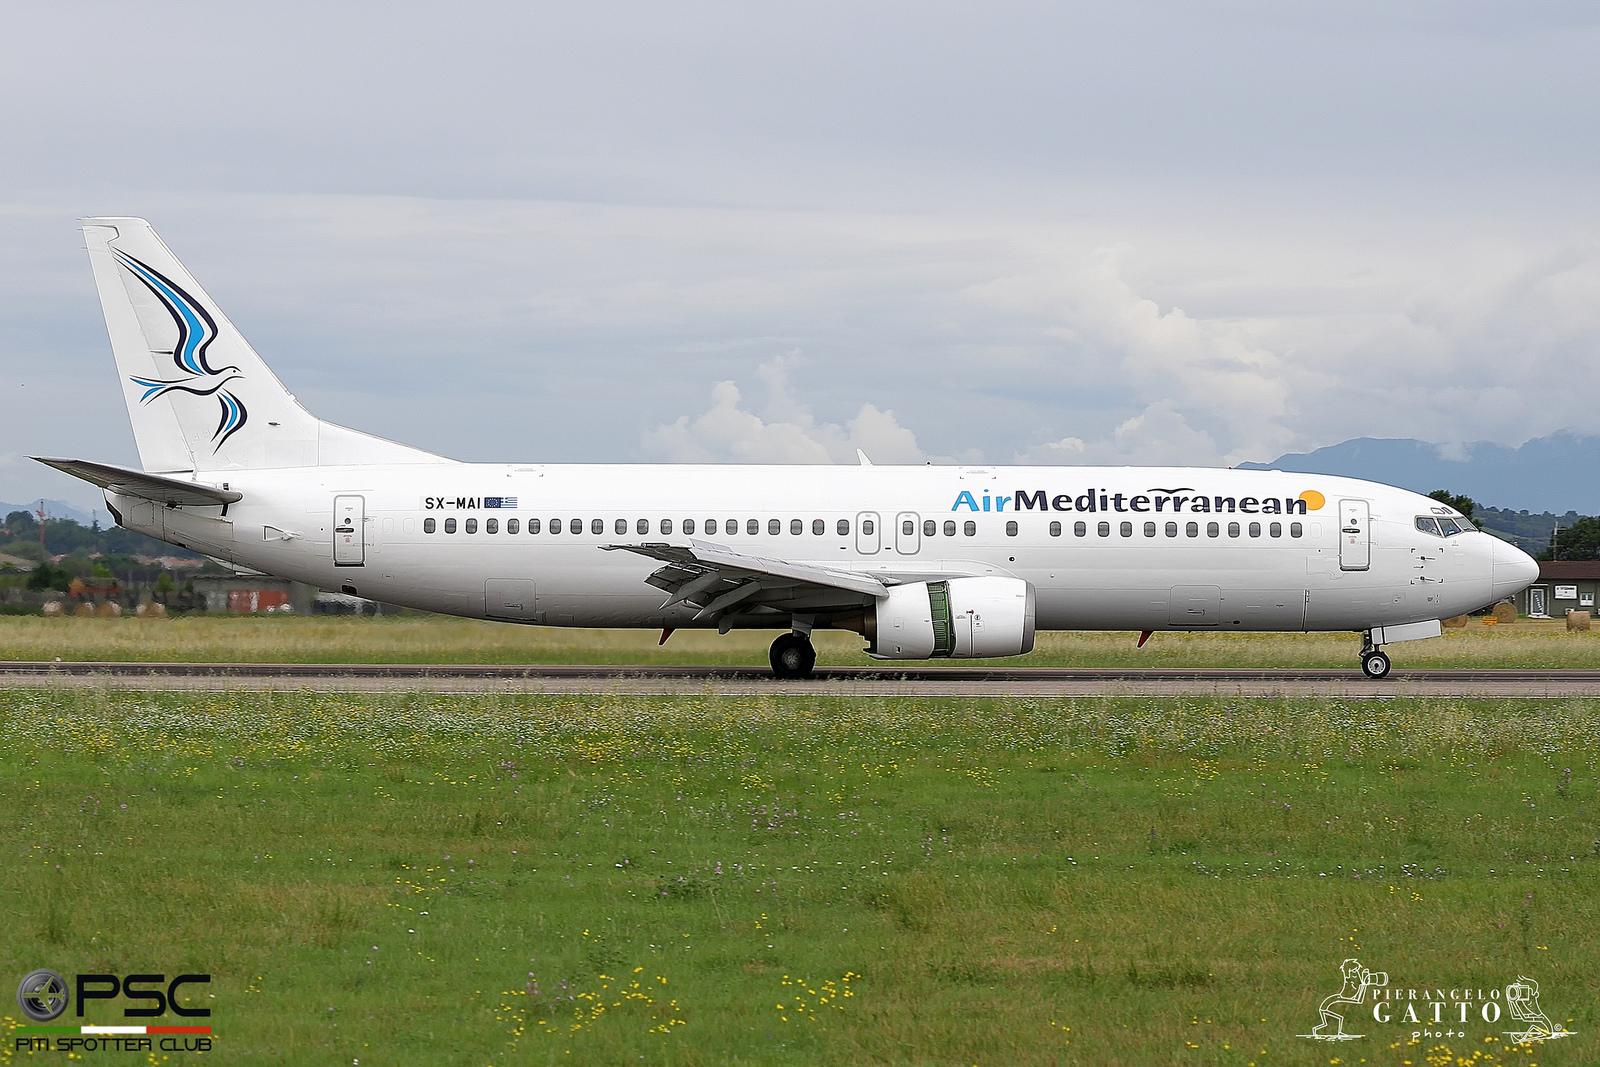 SX-MAI B737-4K5 24901/1854 Air Mediterranean